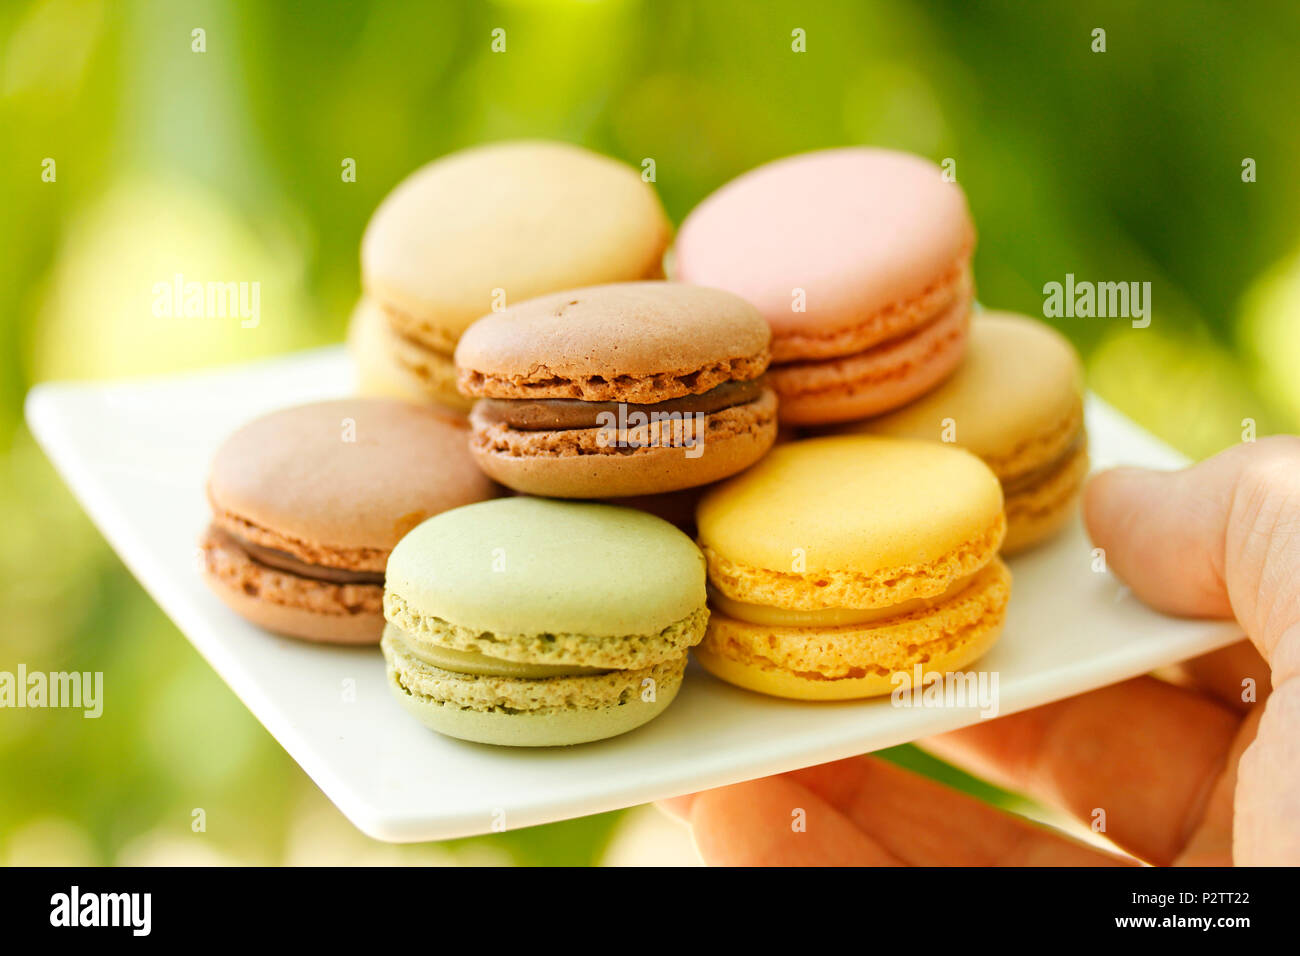 Macarons. - Stock Image